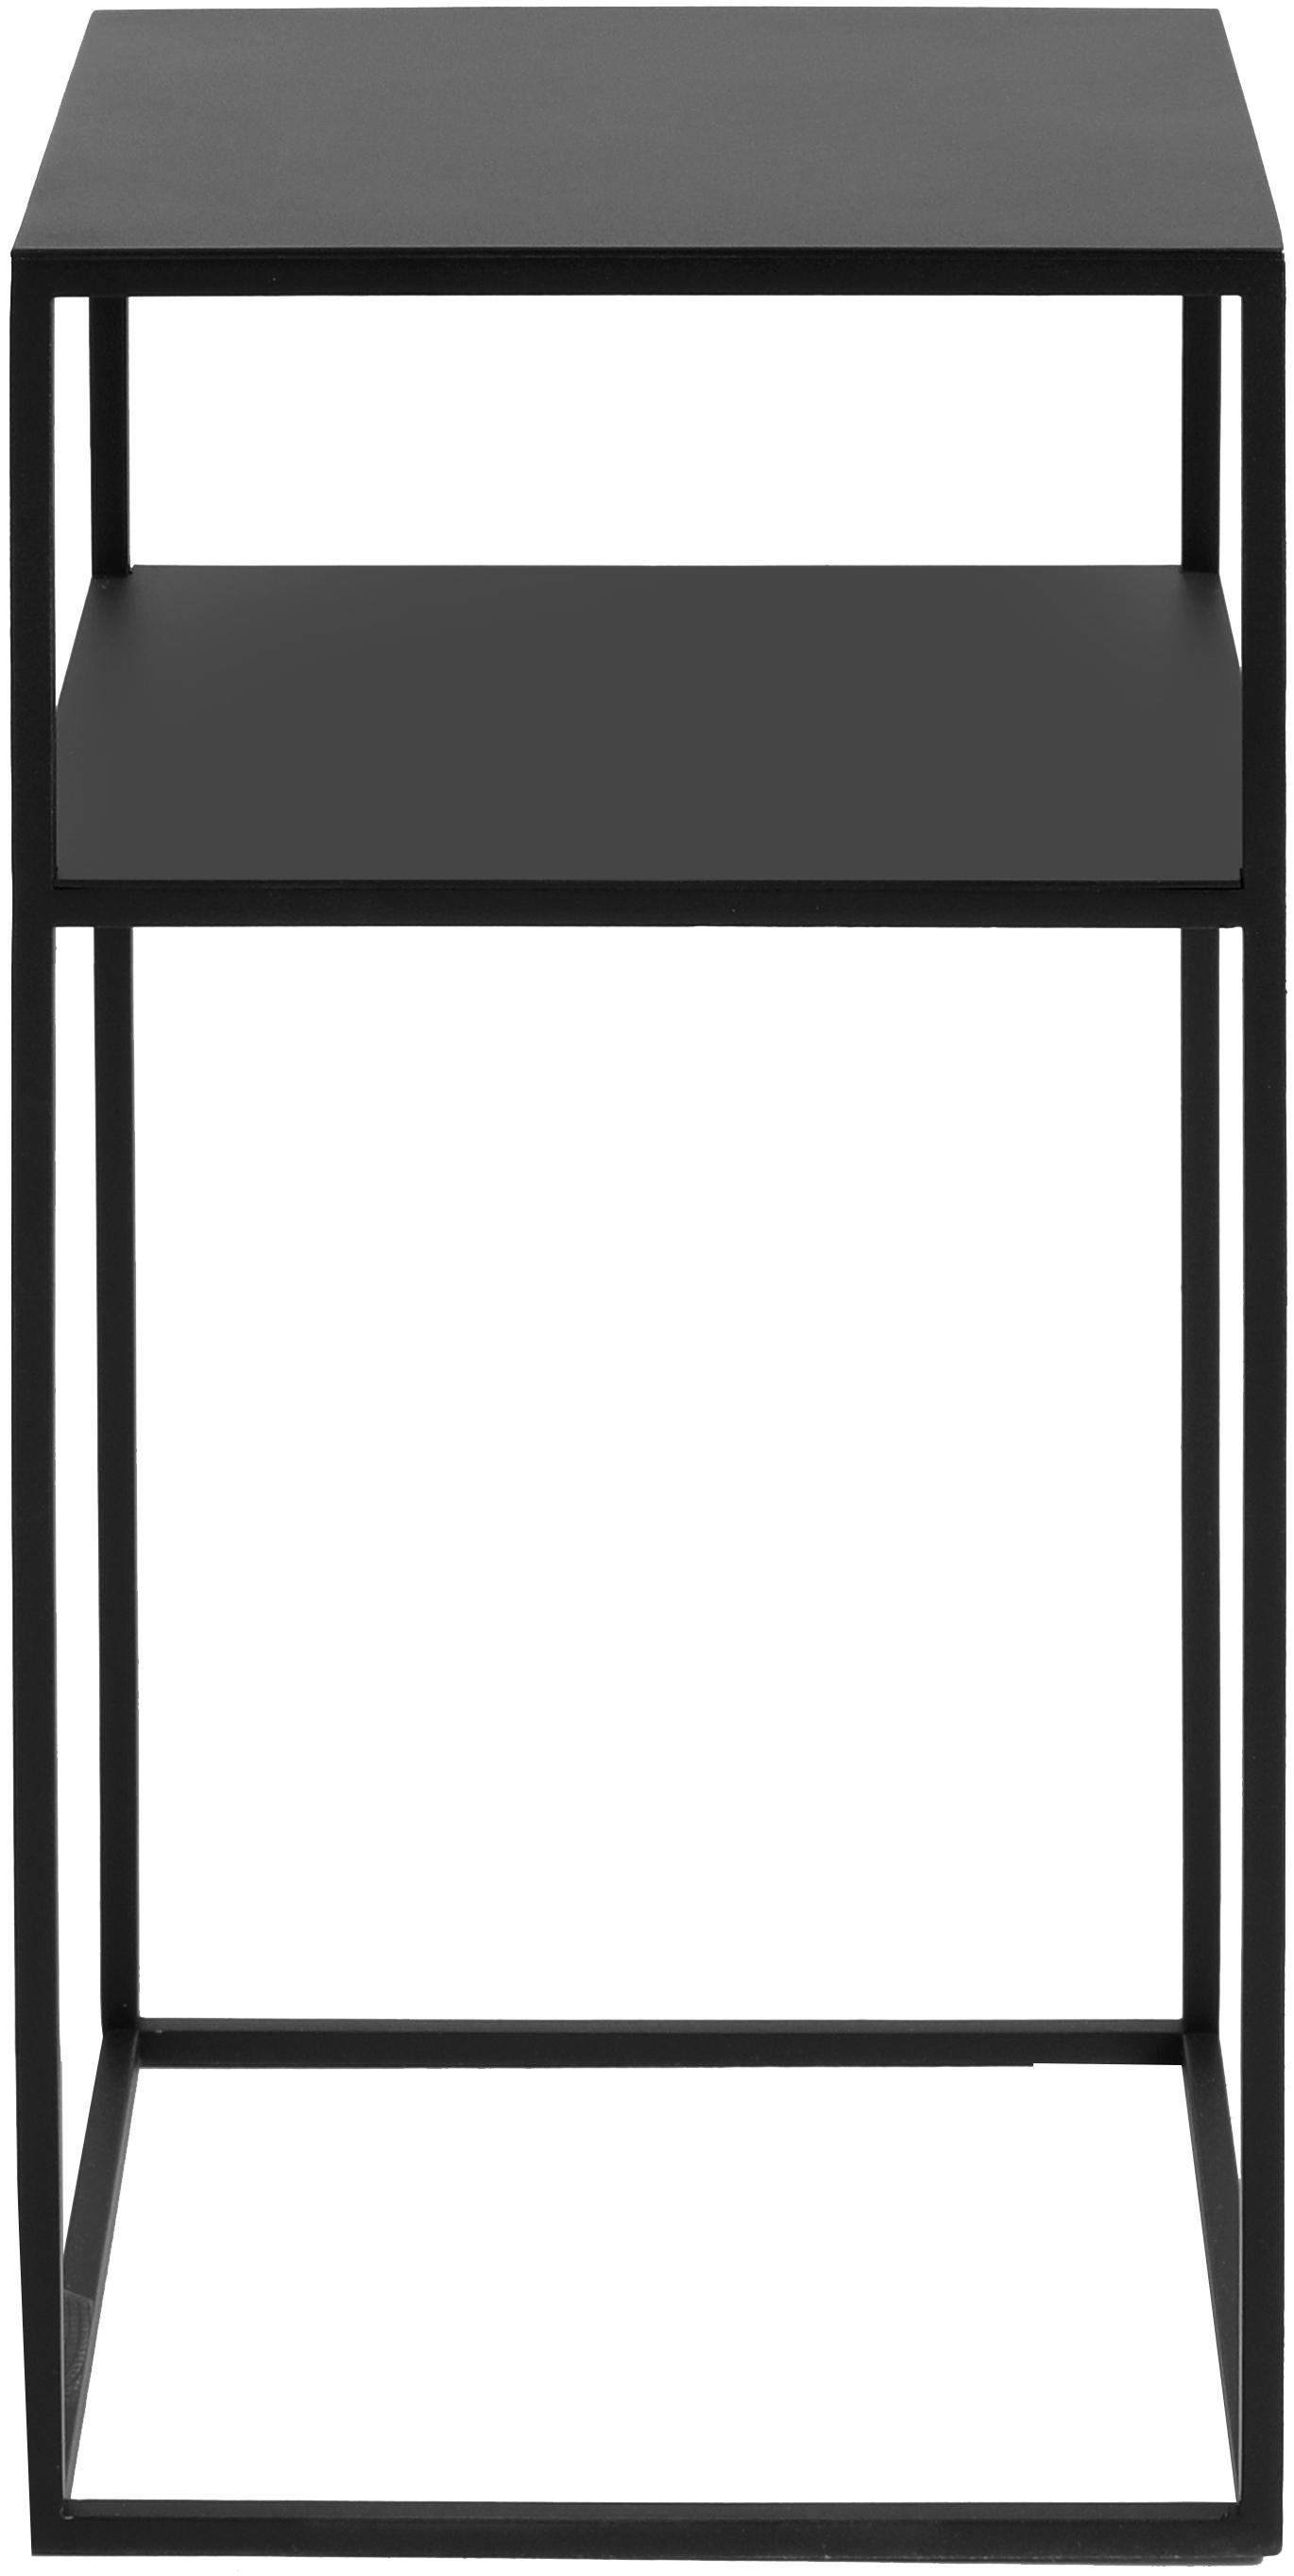 Tavolino in metallo nero Tensio Oli, Metallo verniciato a polvere, Nero, Larg. 30 x Prof. 30 cm